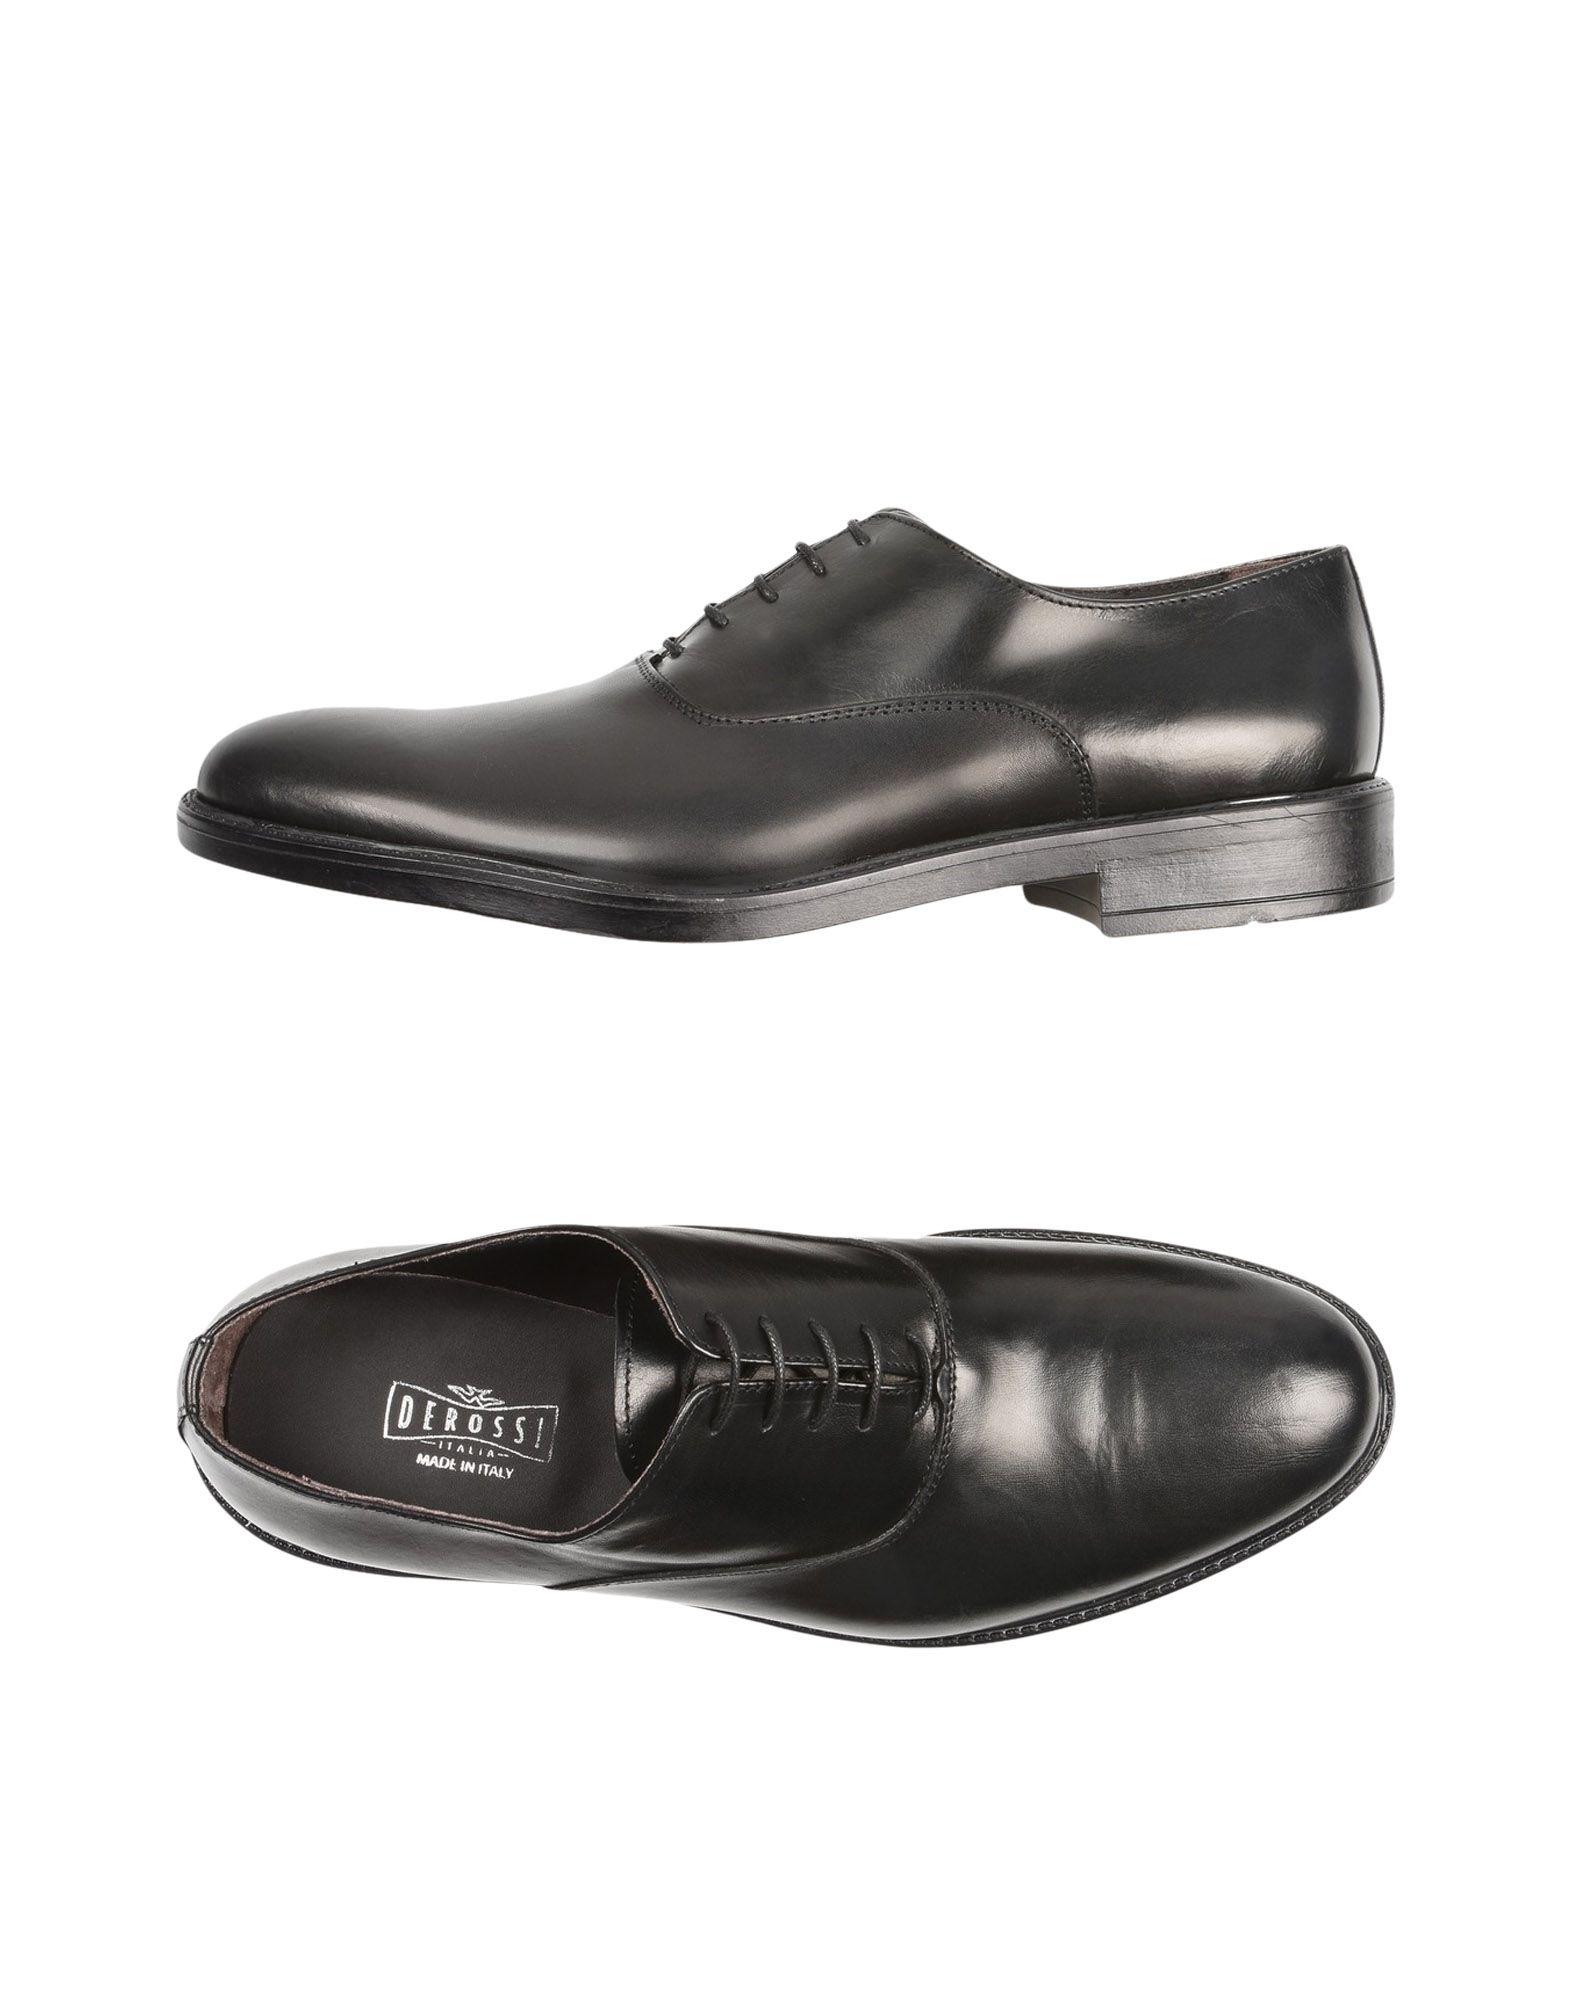 Stivali Givenchy Donna - 44694213VN Scarpe economiche e buone